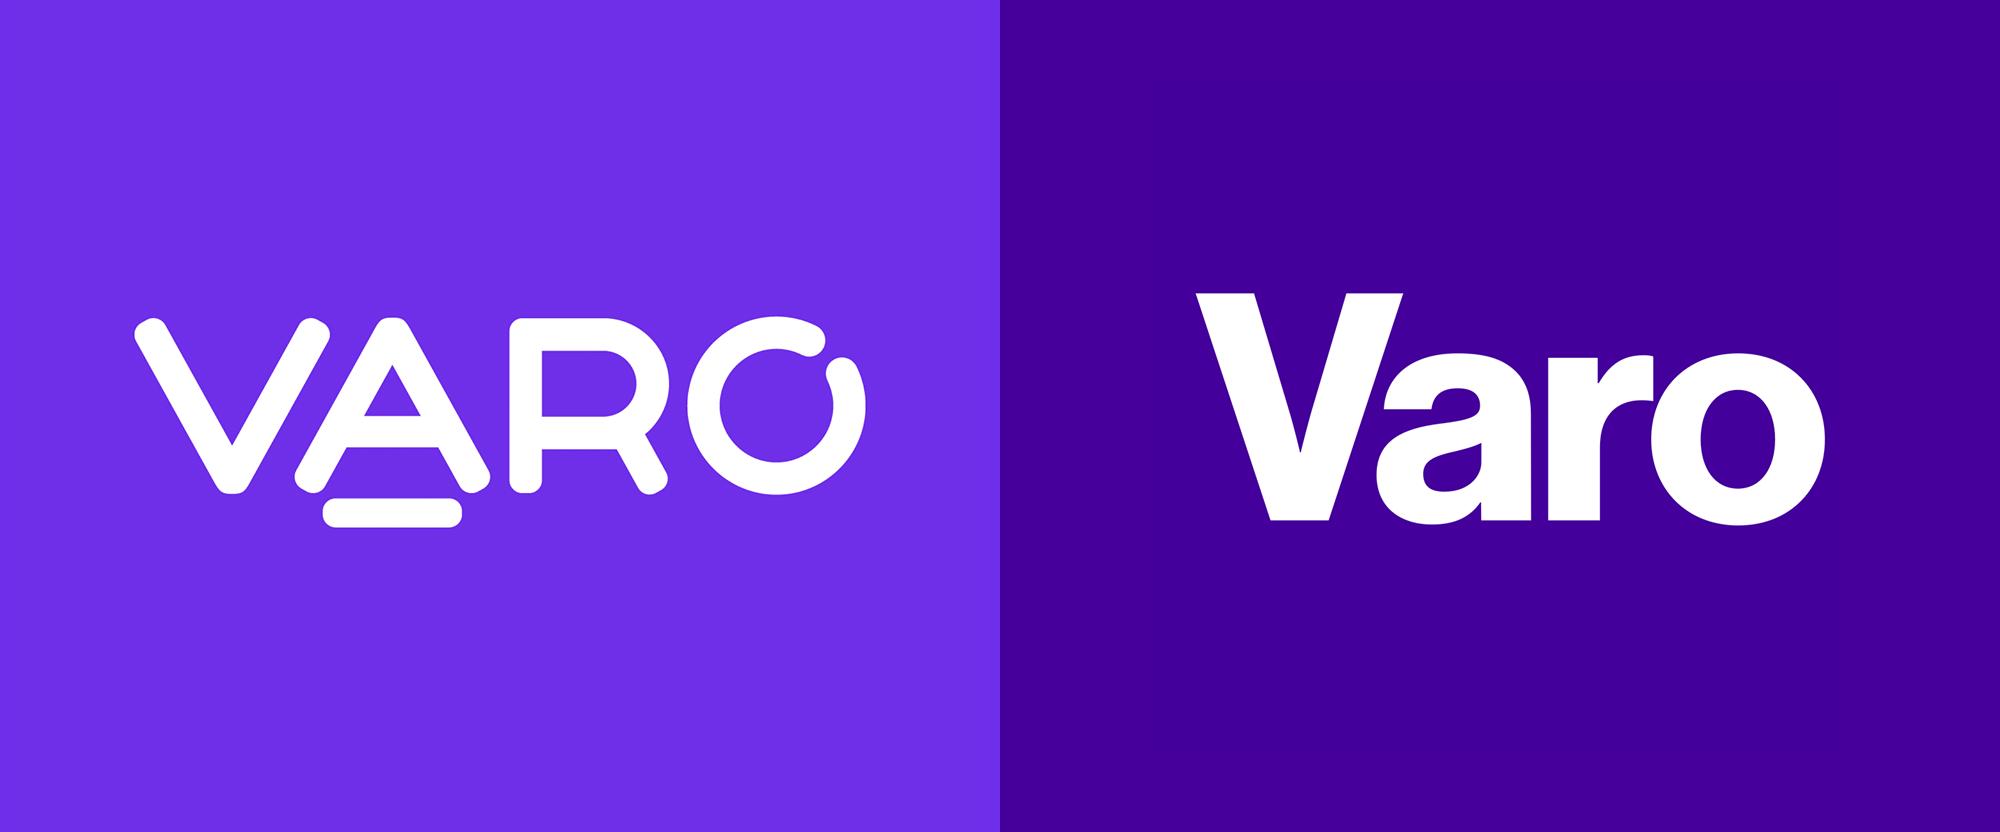 New Logo for Varo